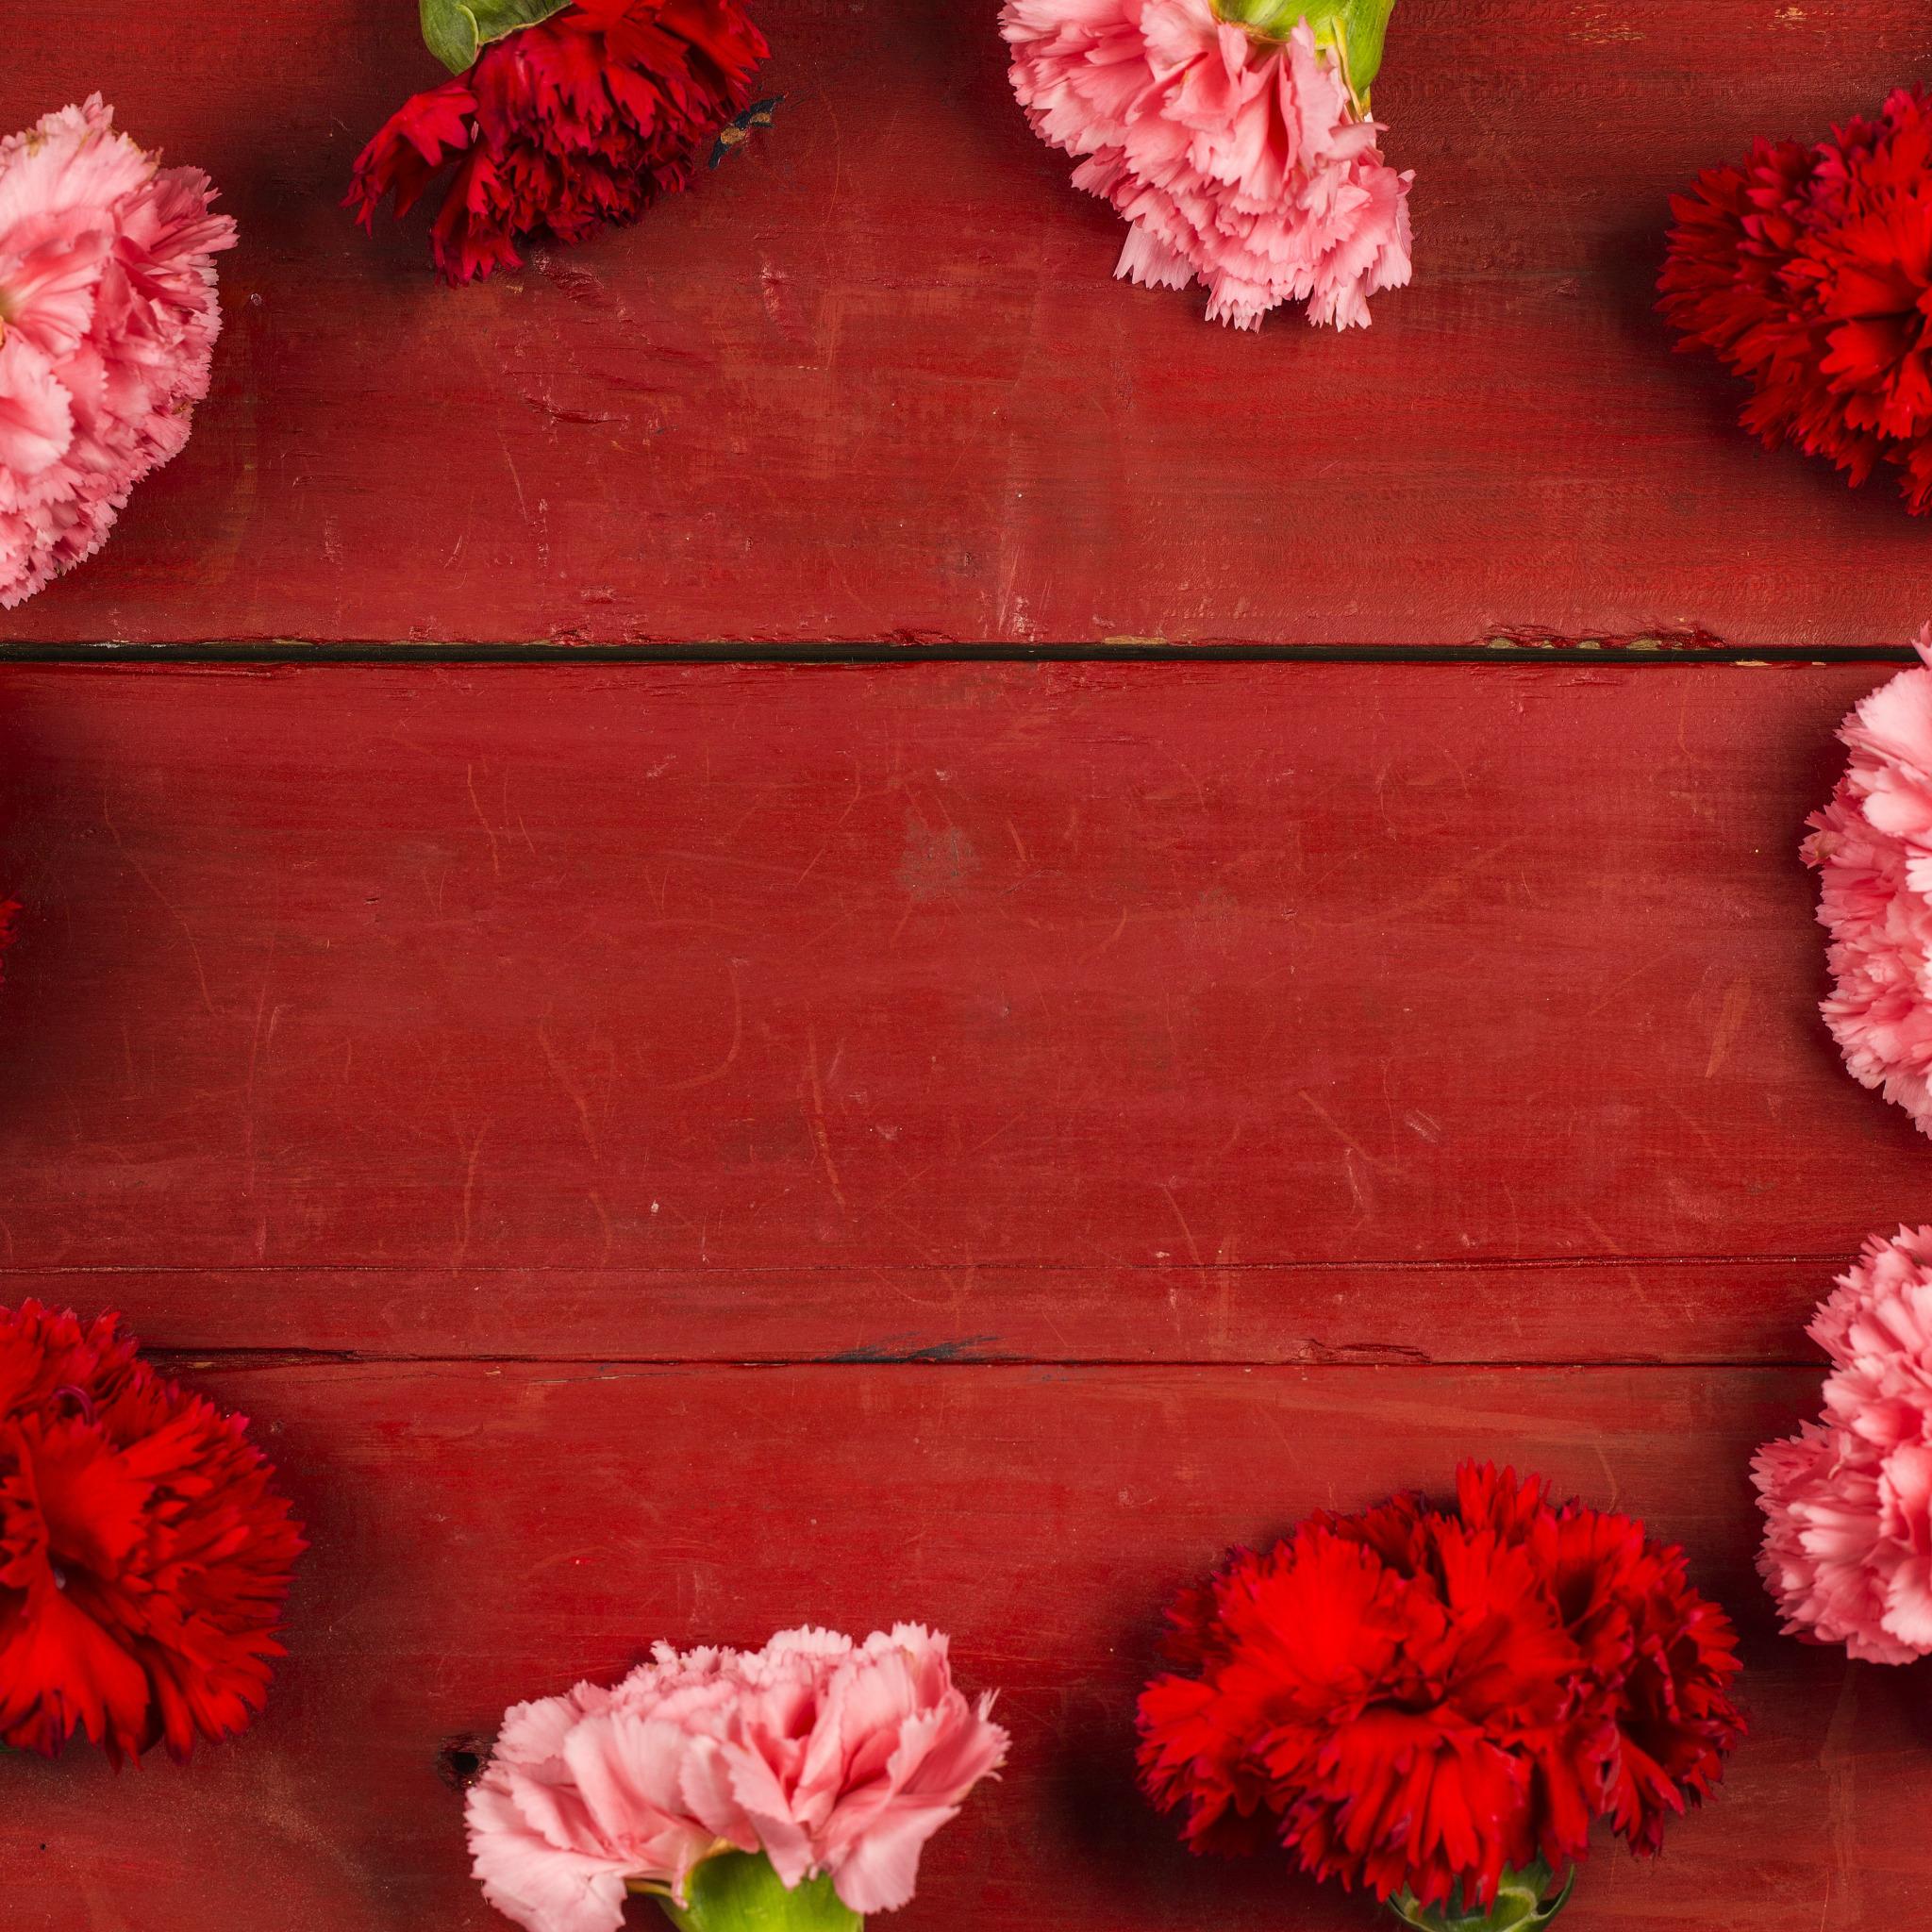 картинки гвоздики цветы для фона открытки товаров категории